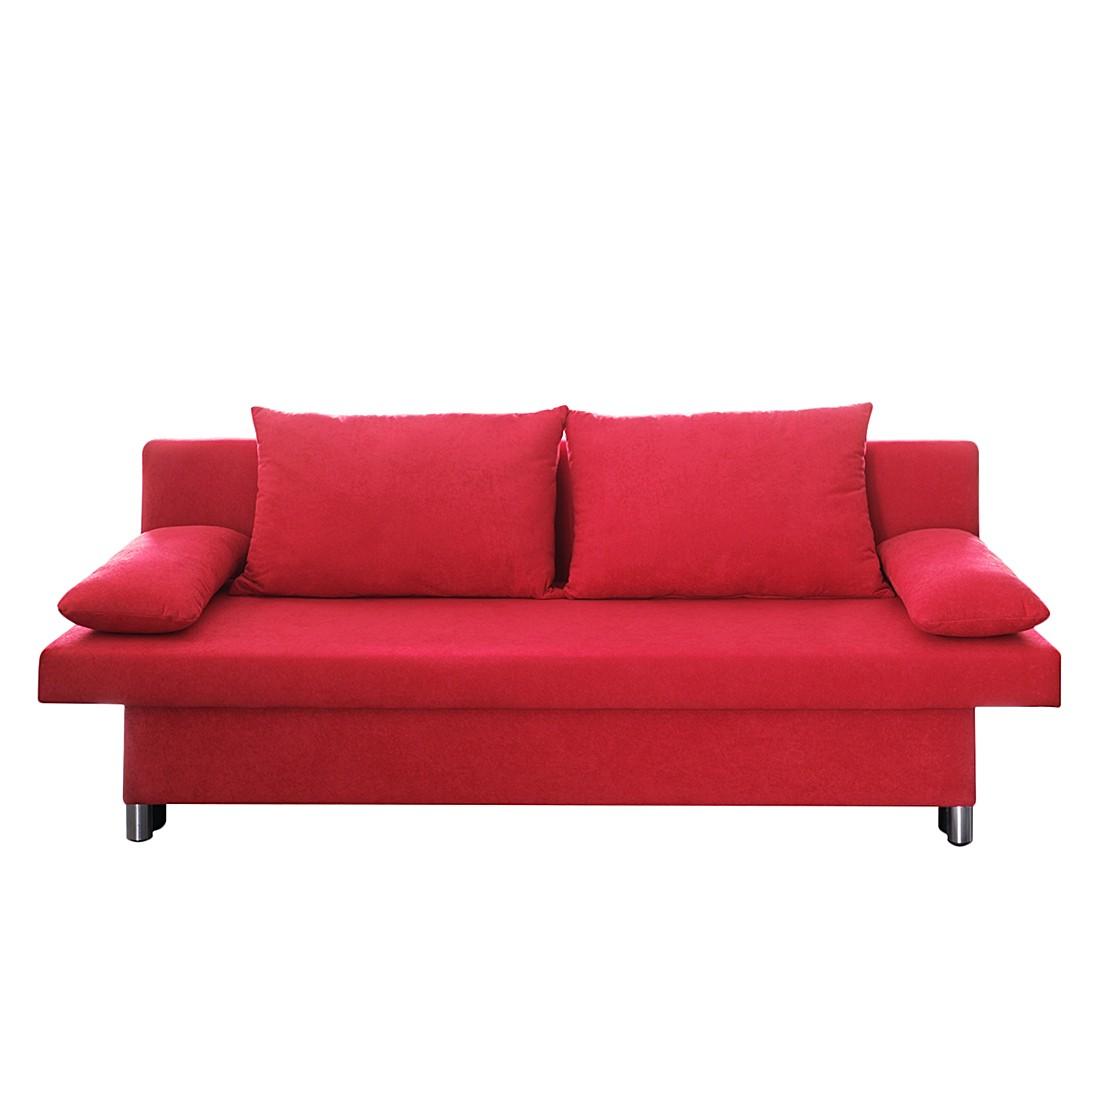 Canapé convertible Canto - Microfibre rouge, Home Design